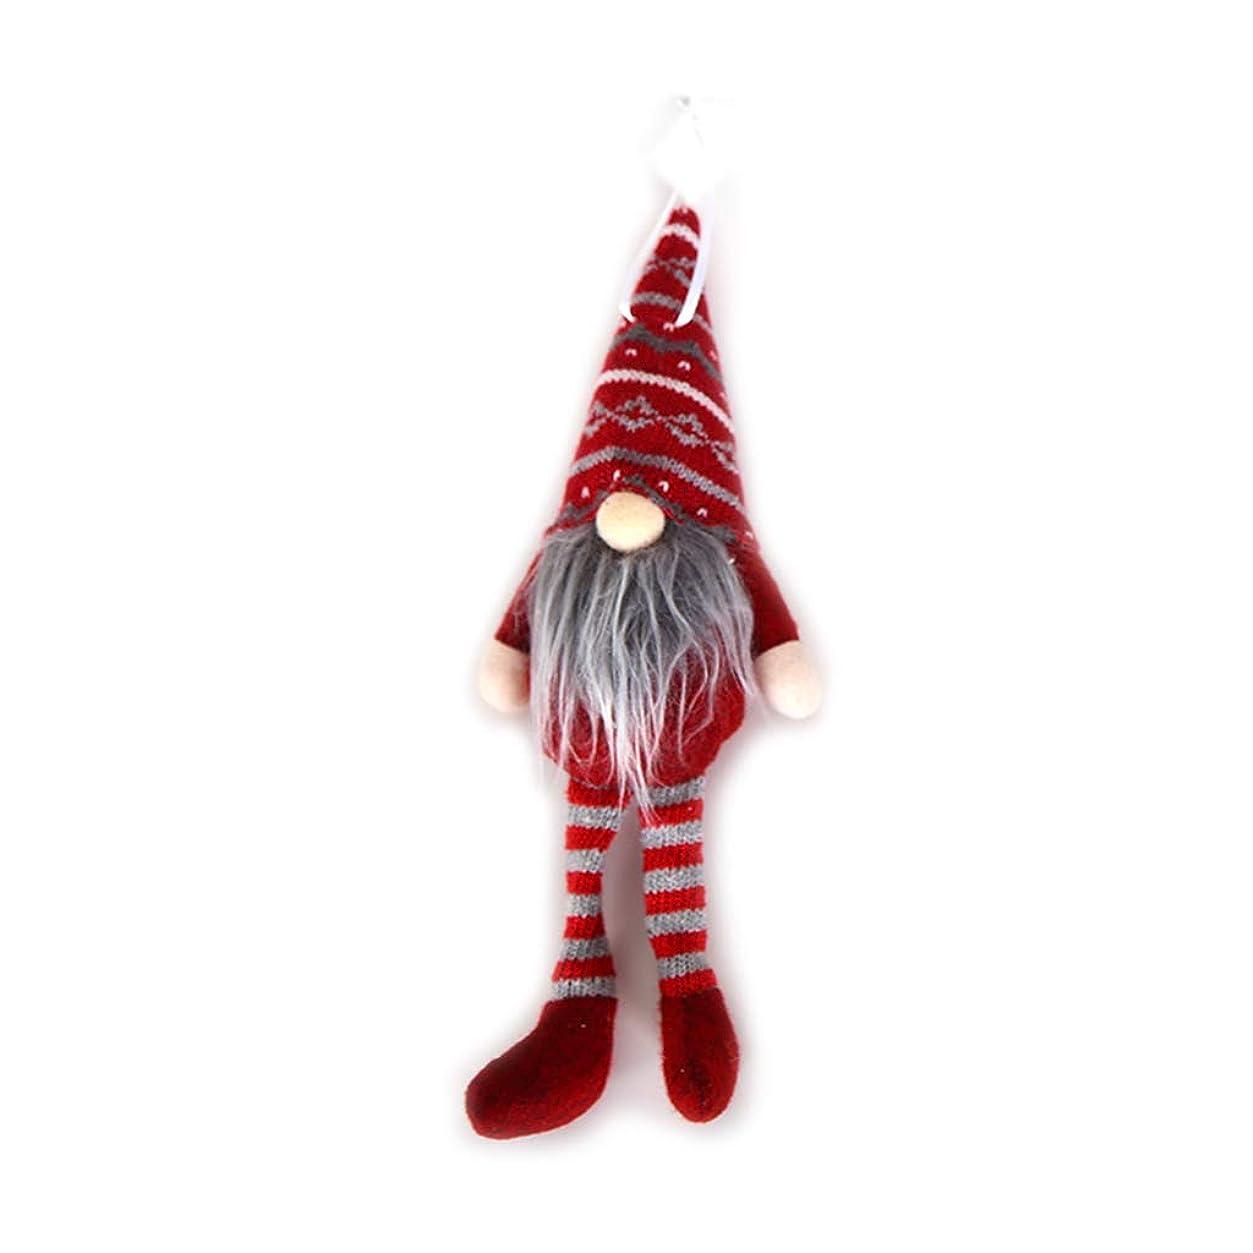 おもしろいジャンクション利益shunxinerstyクリスマスオーナメント1ピースロングハットサンタぬいぐるみ飾りぶら下げクリスマスツリーエルフおもちゃホリデーホームパーティーの装飾赤ロング脚